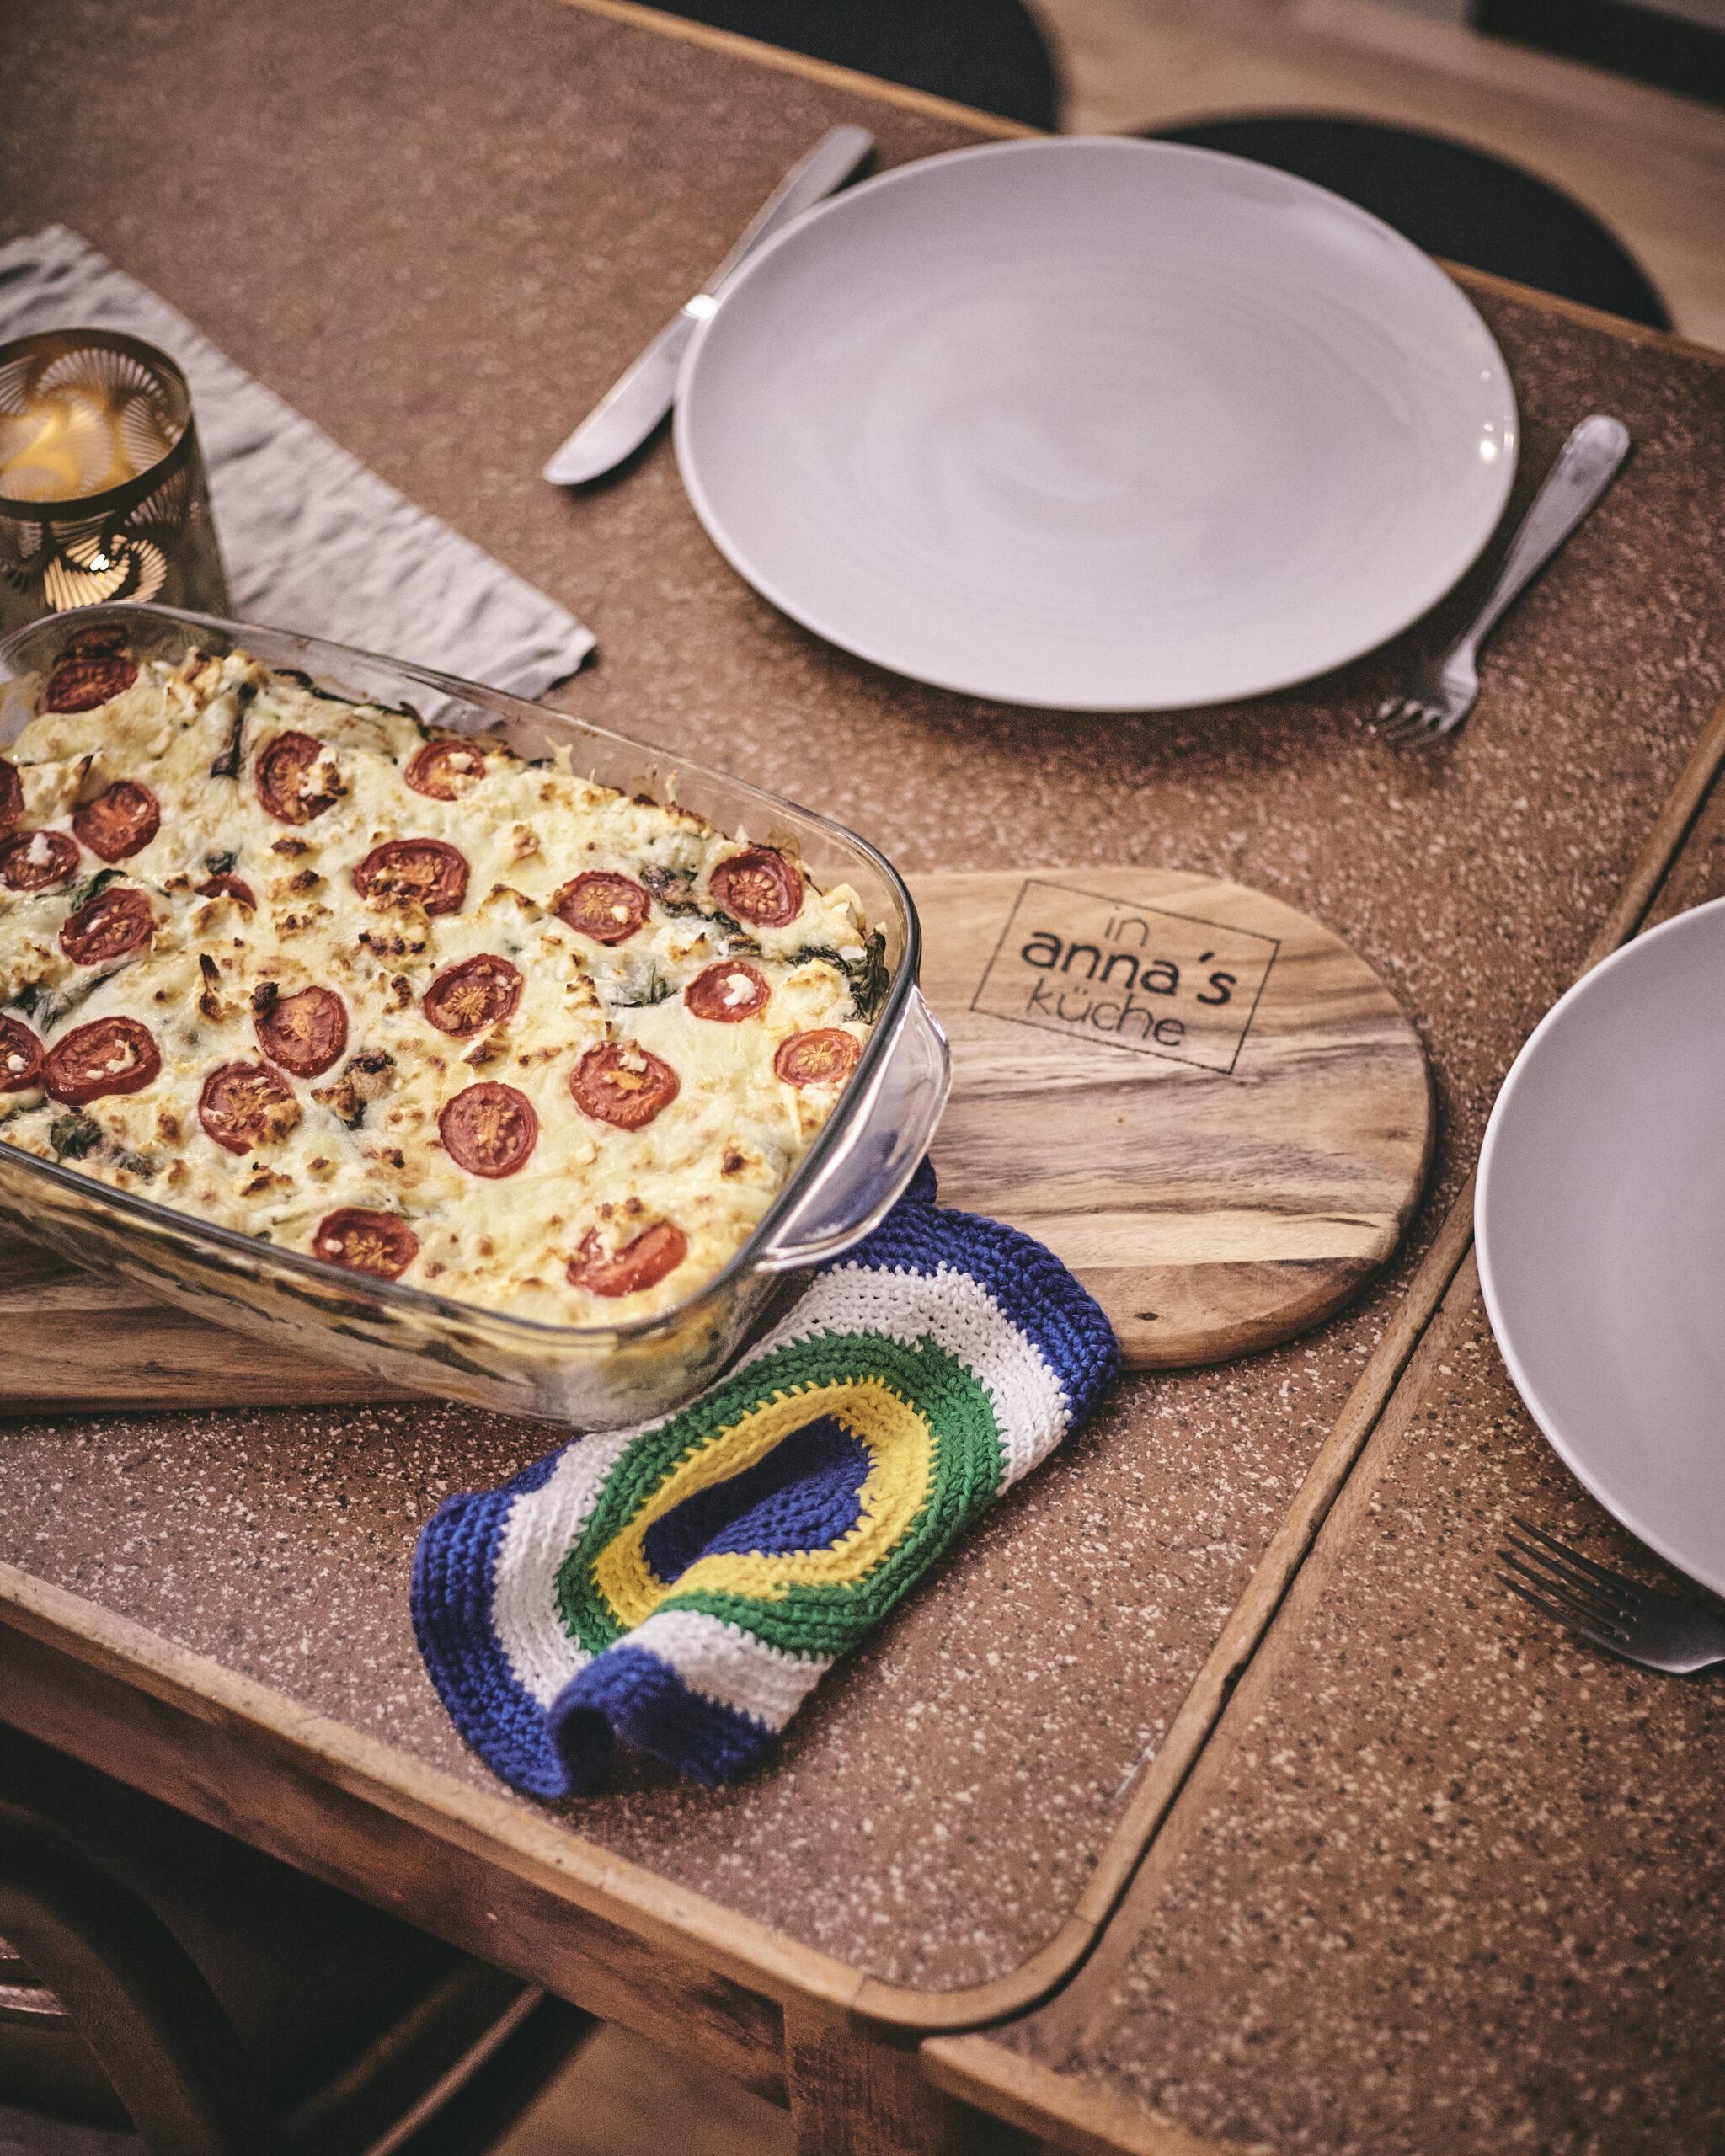 frische Lasagne Spinat Kürbis in Annas Küche